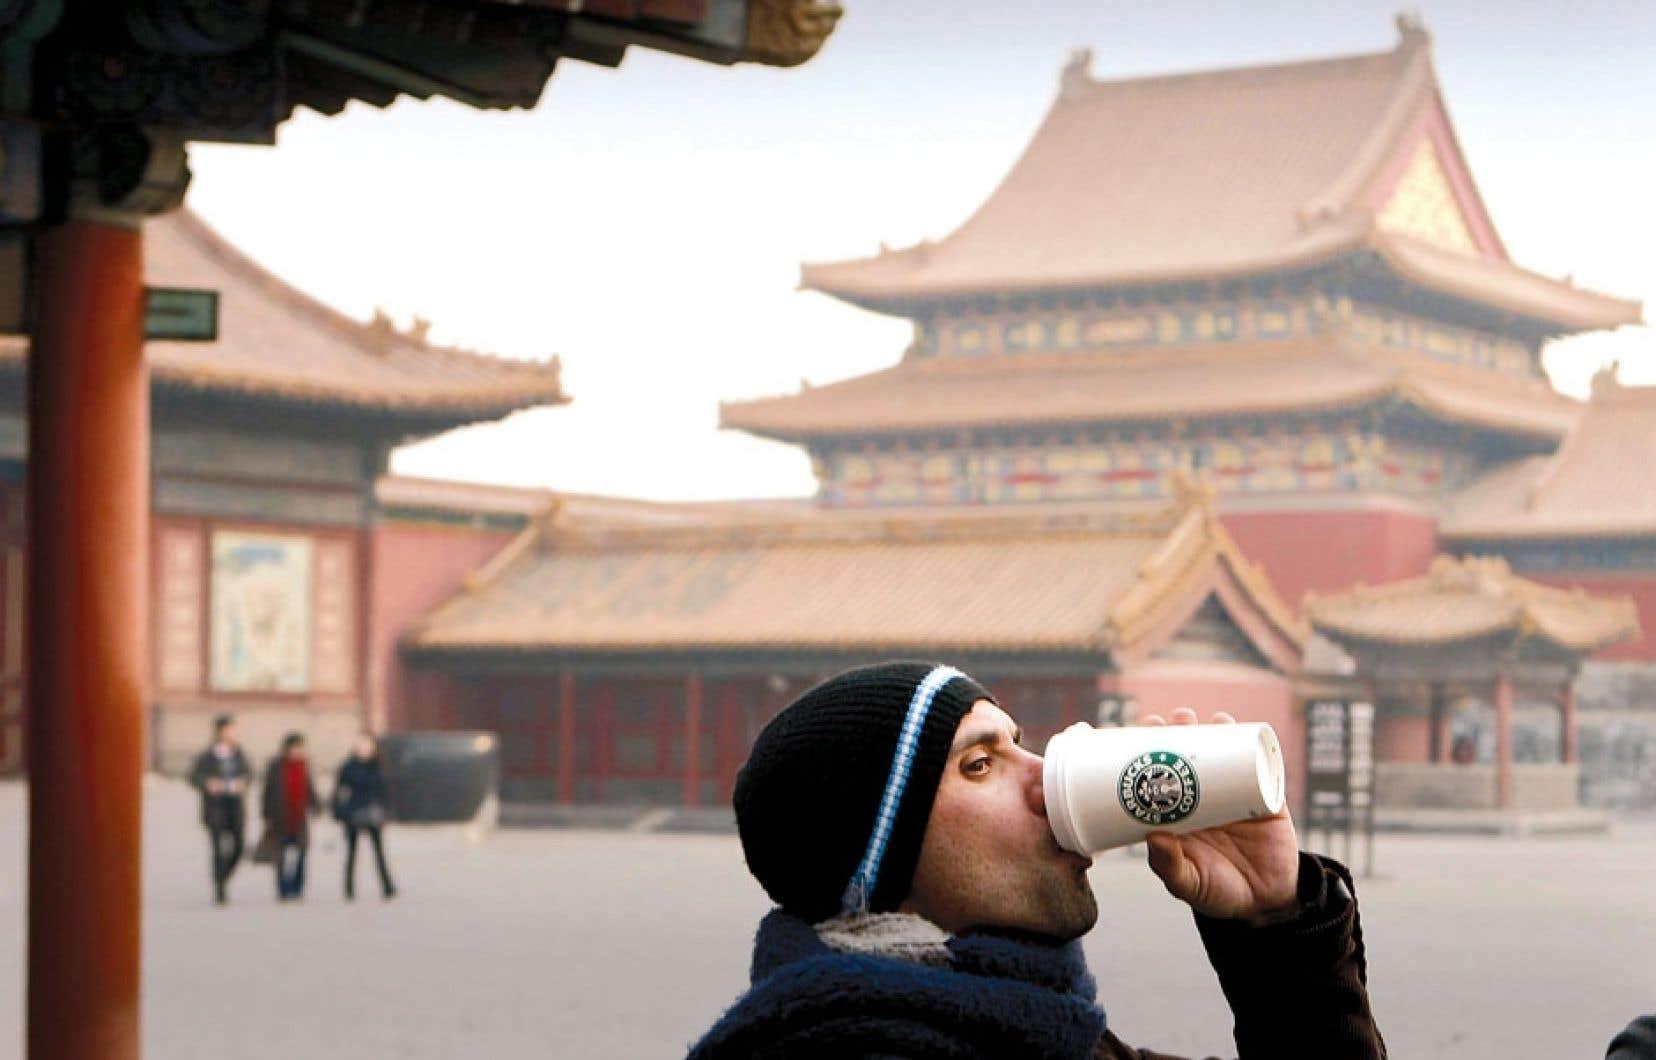 <div> Que ce soit à Pékin (notre photo), à Paris ou à San Francisco, Starbucks vend ses produits partout à travers le monde. Mais l'entreprise, à l'instar de multinationales comme Google ou Amazon, préfère concentrer ses profits dans les paradis fiscaux.</div>